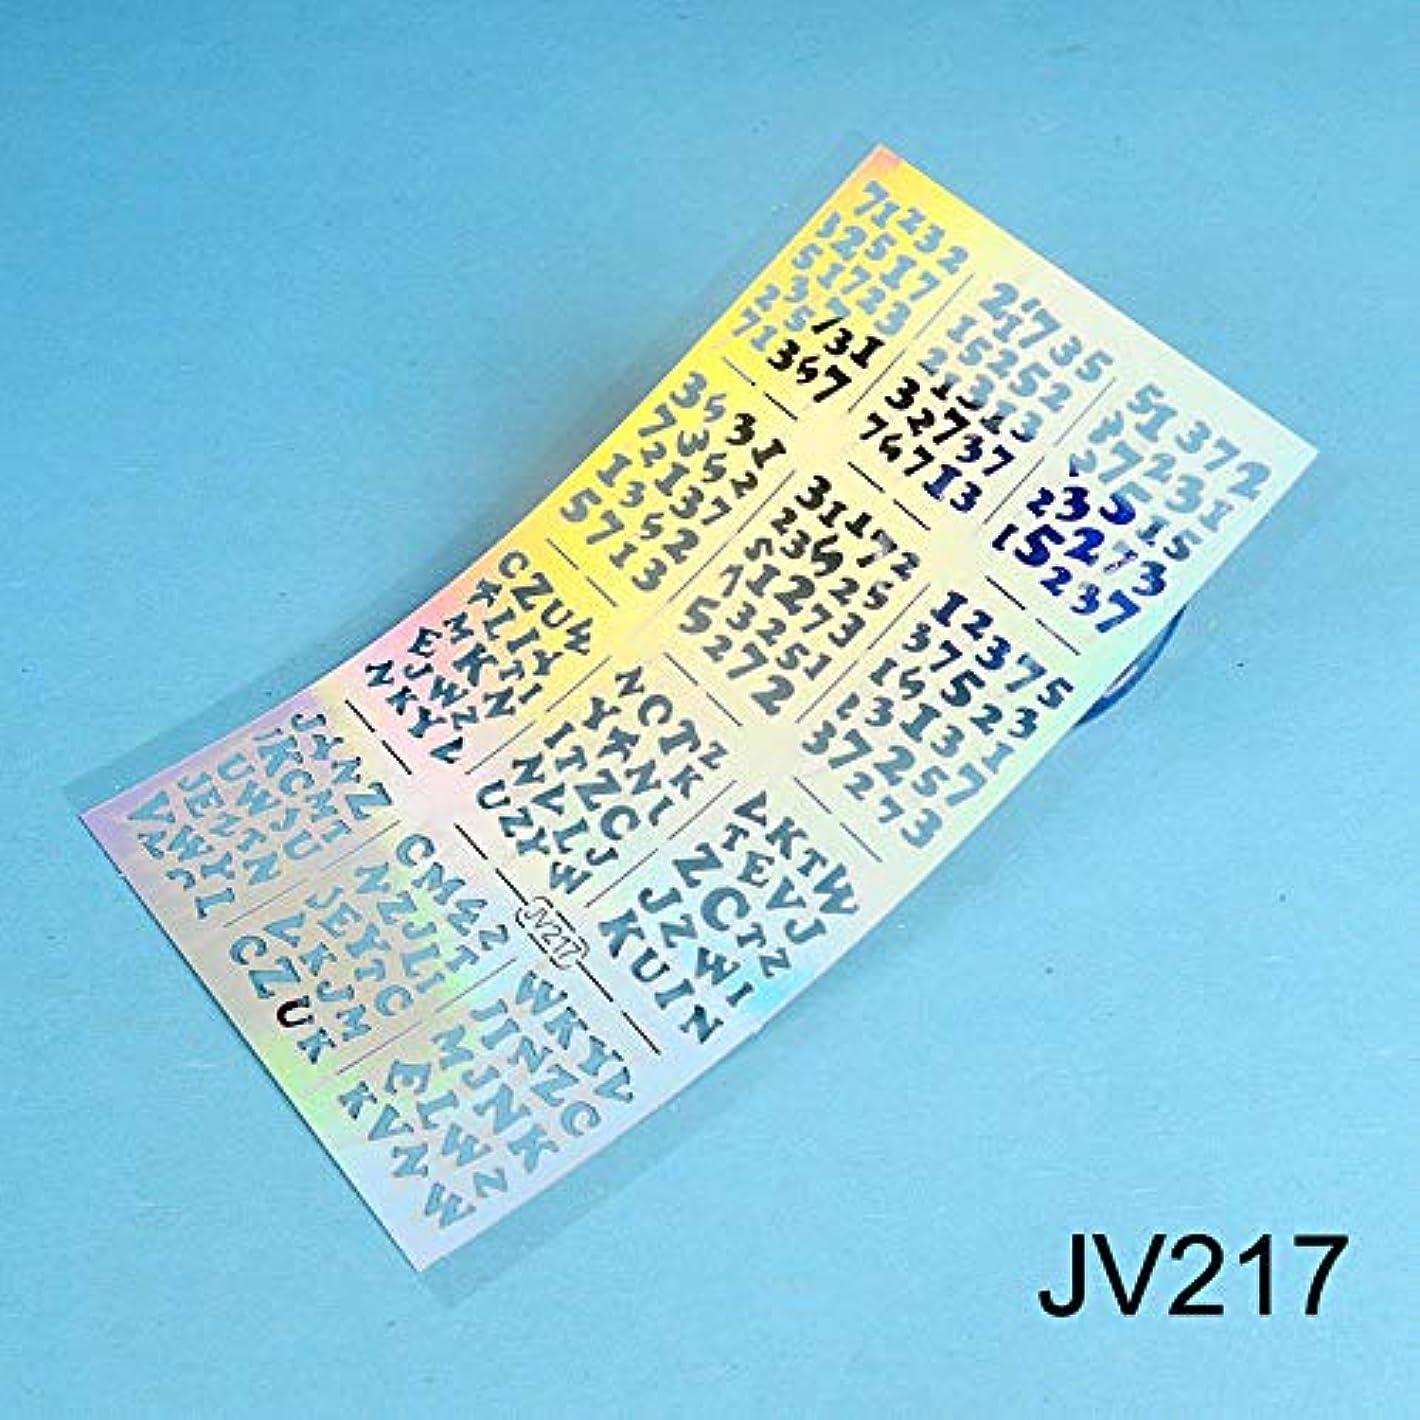 いくつかの製品道路SUKTI&XIAO ネイルステッカー レーザーネイルビニールネイルアートネイルステンシルネイルアート中空ステッカー装飾ツールアクセサリー、Jv217